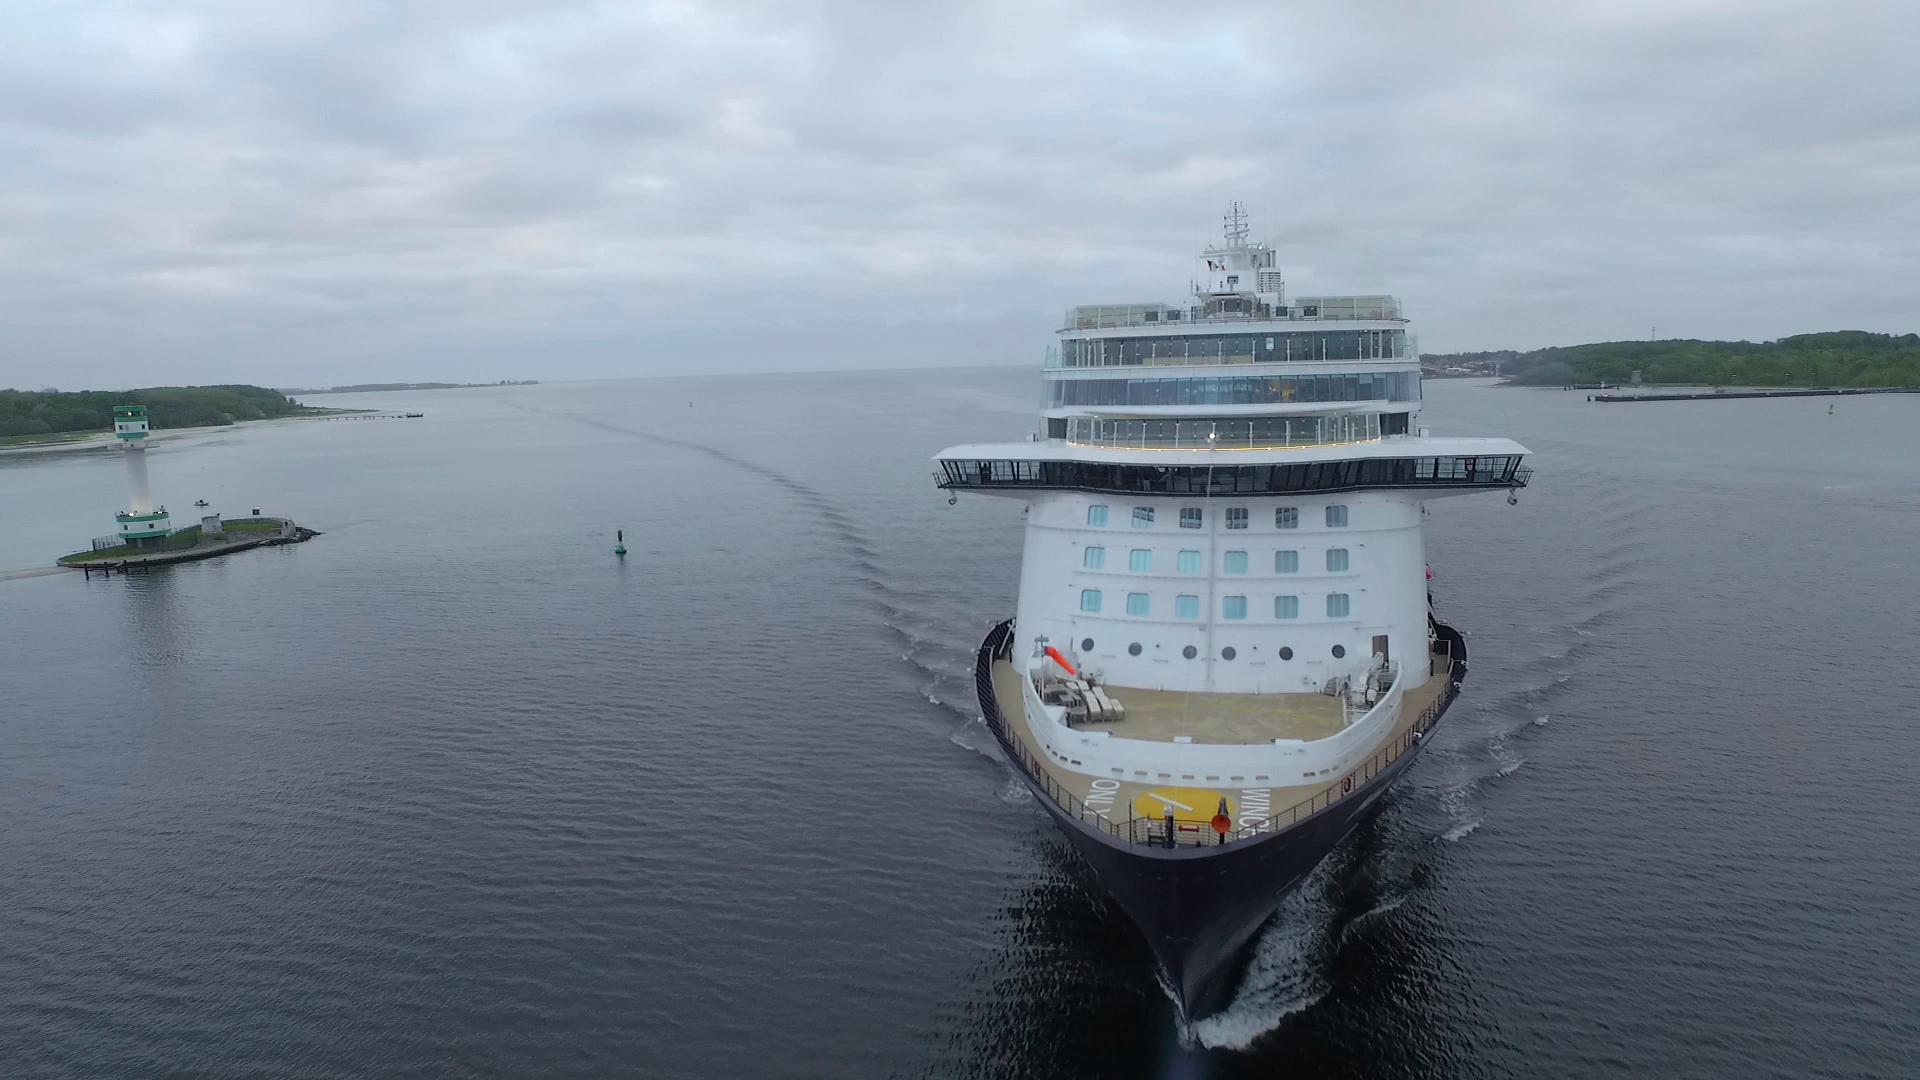 Vorne am Bug des Schiffes befindet sich das Außendeck für die Crew